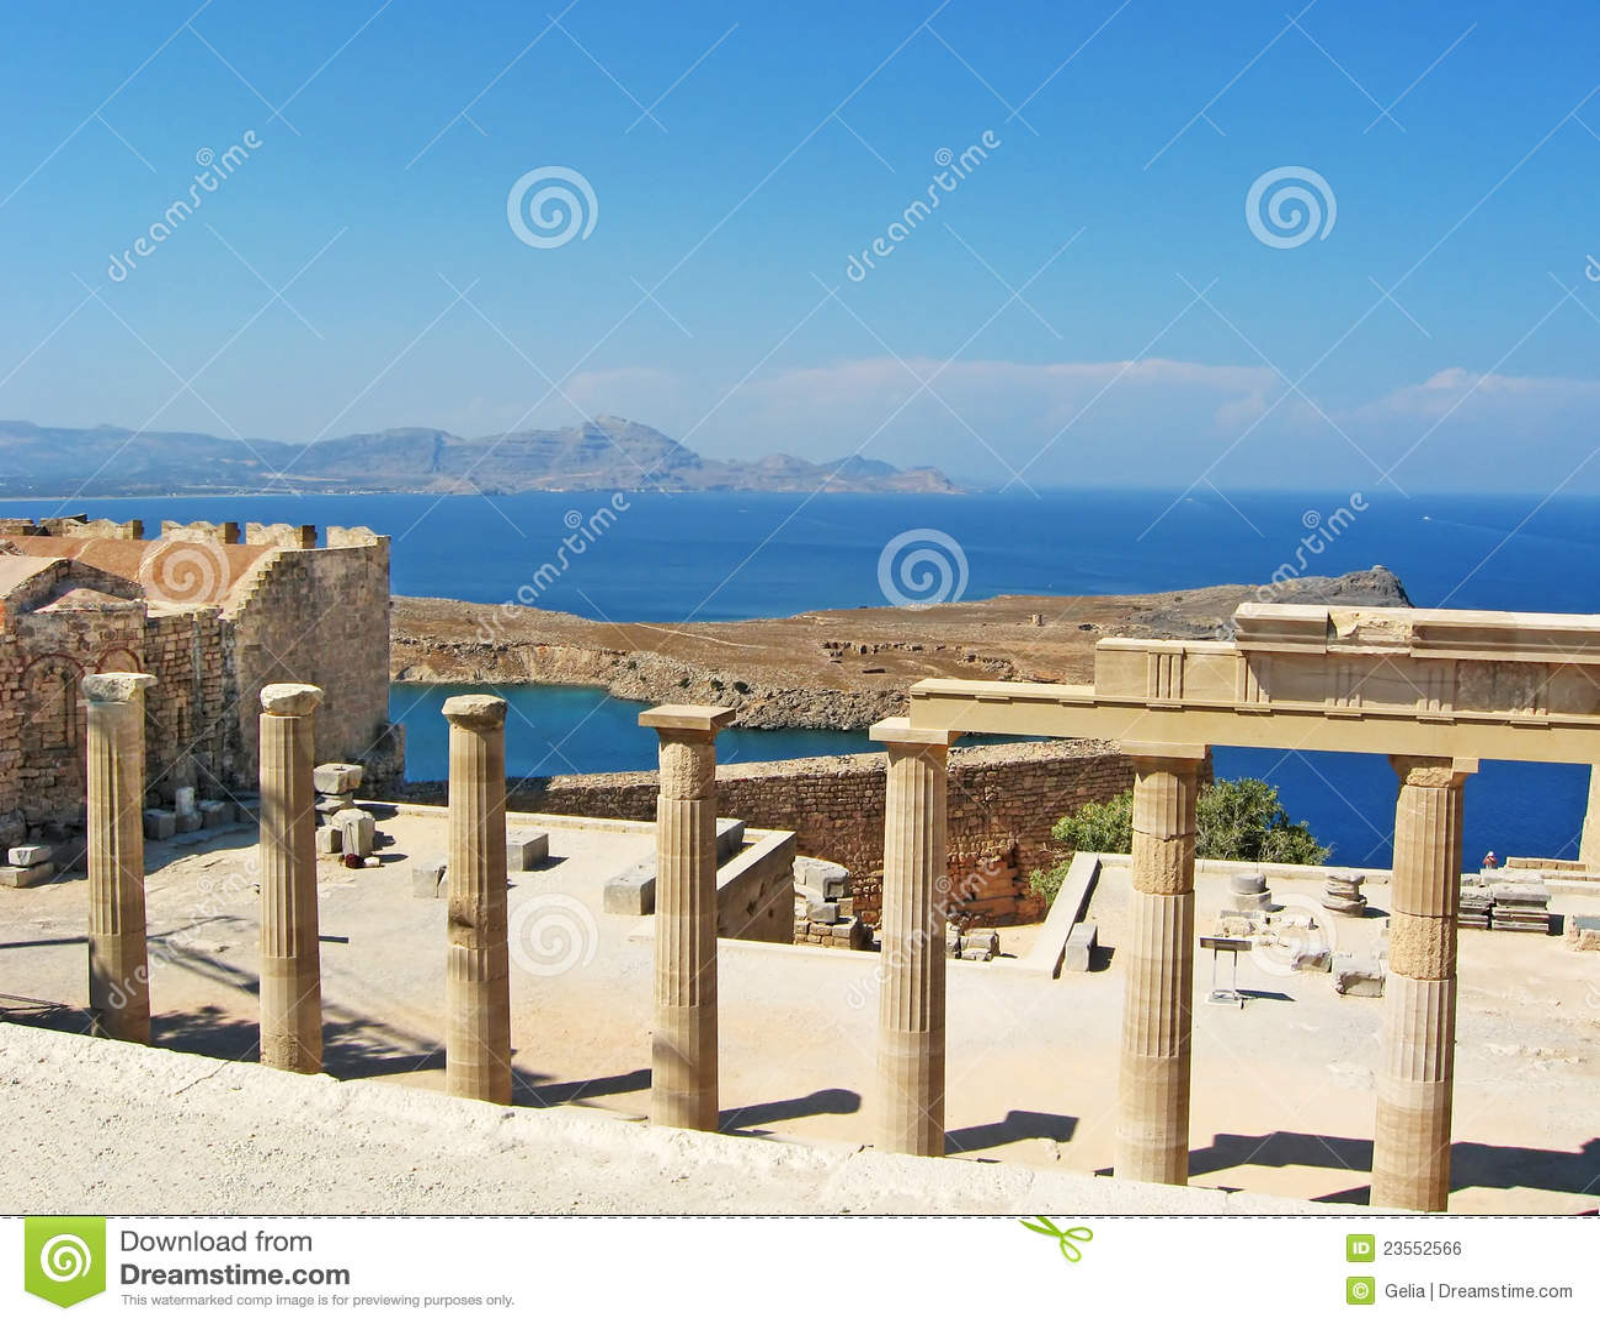 Ancient temple ruins in Rhodos